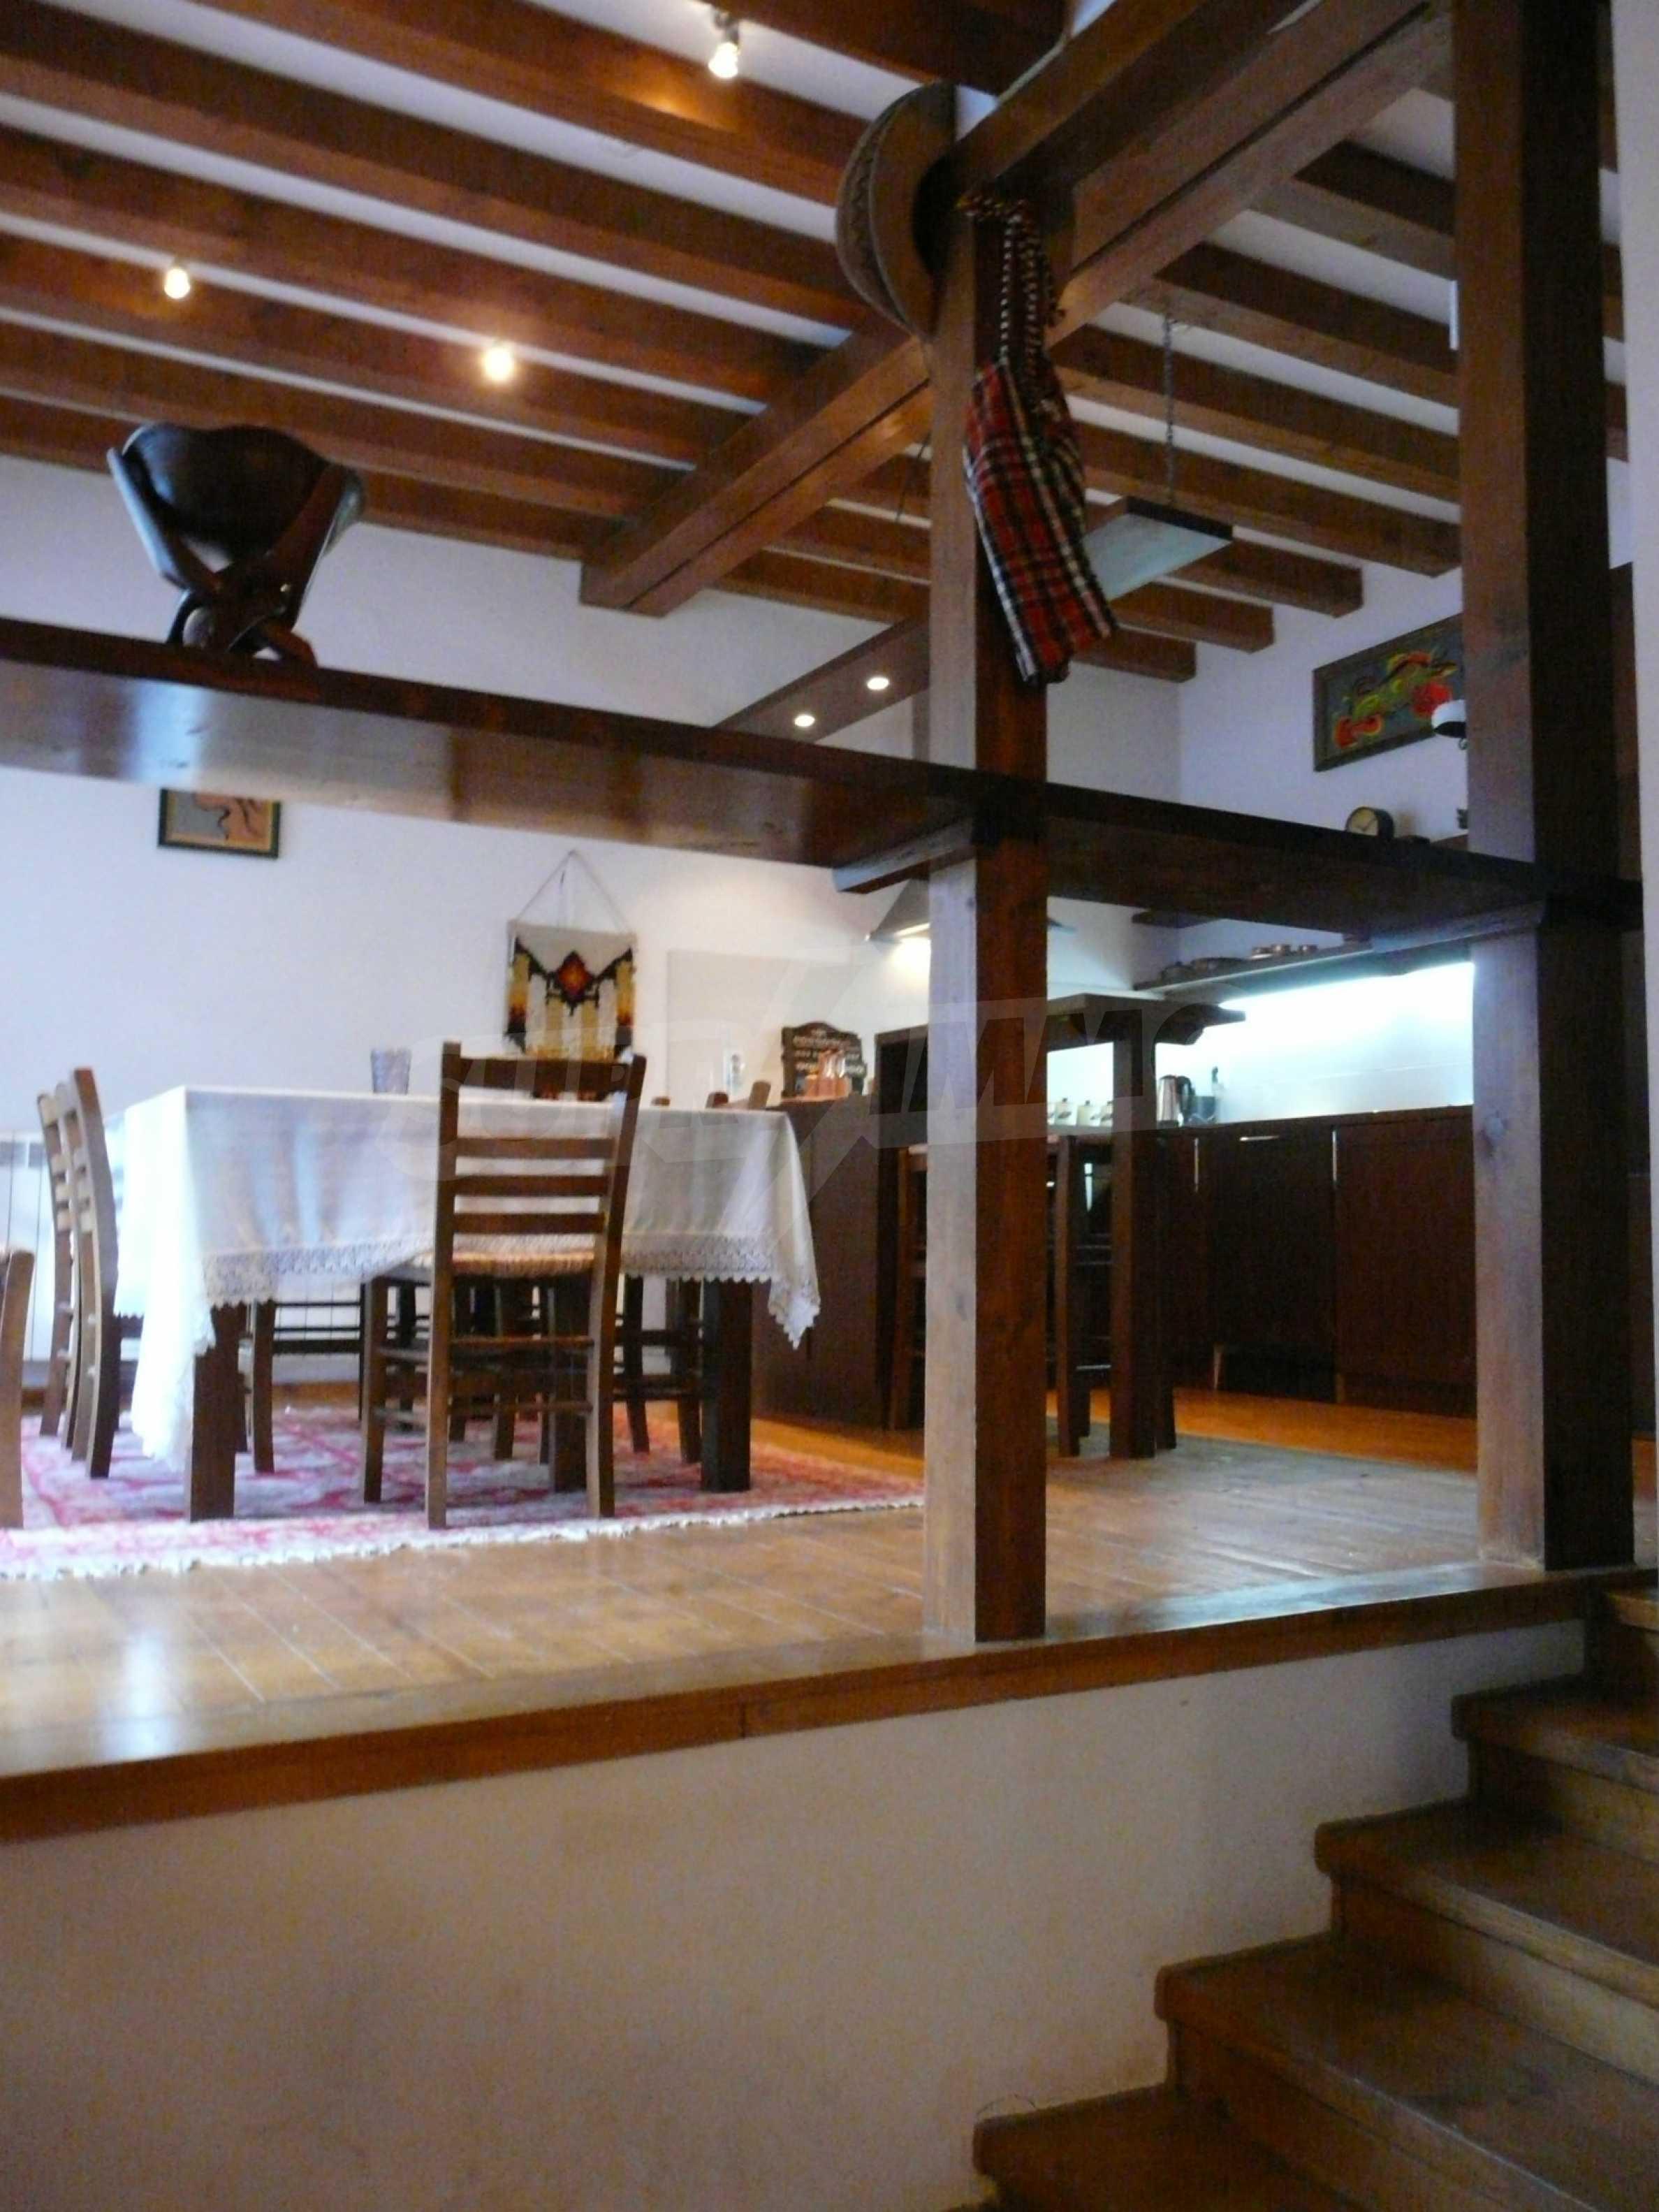 Renoviertes, möbliertes Rhodopenhaus in der Nähe von Pamporovo und Smolyan 13